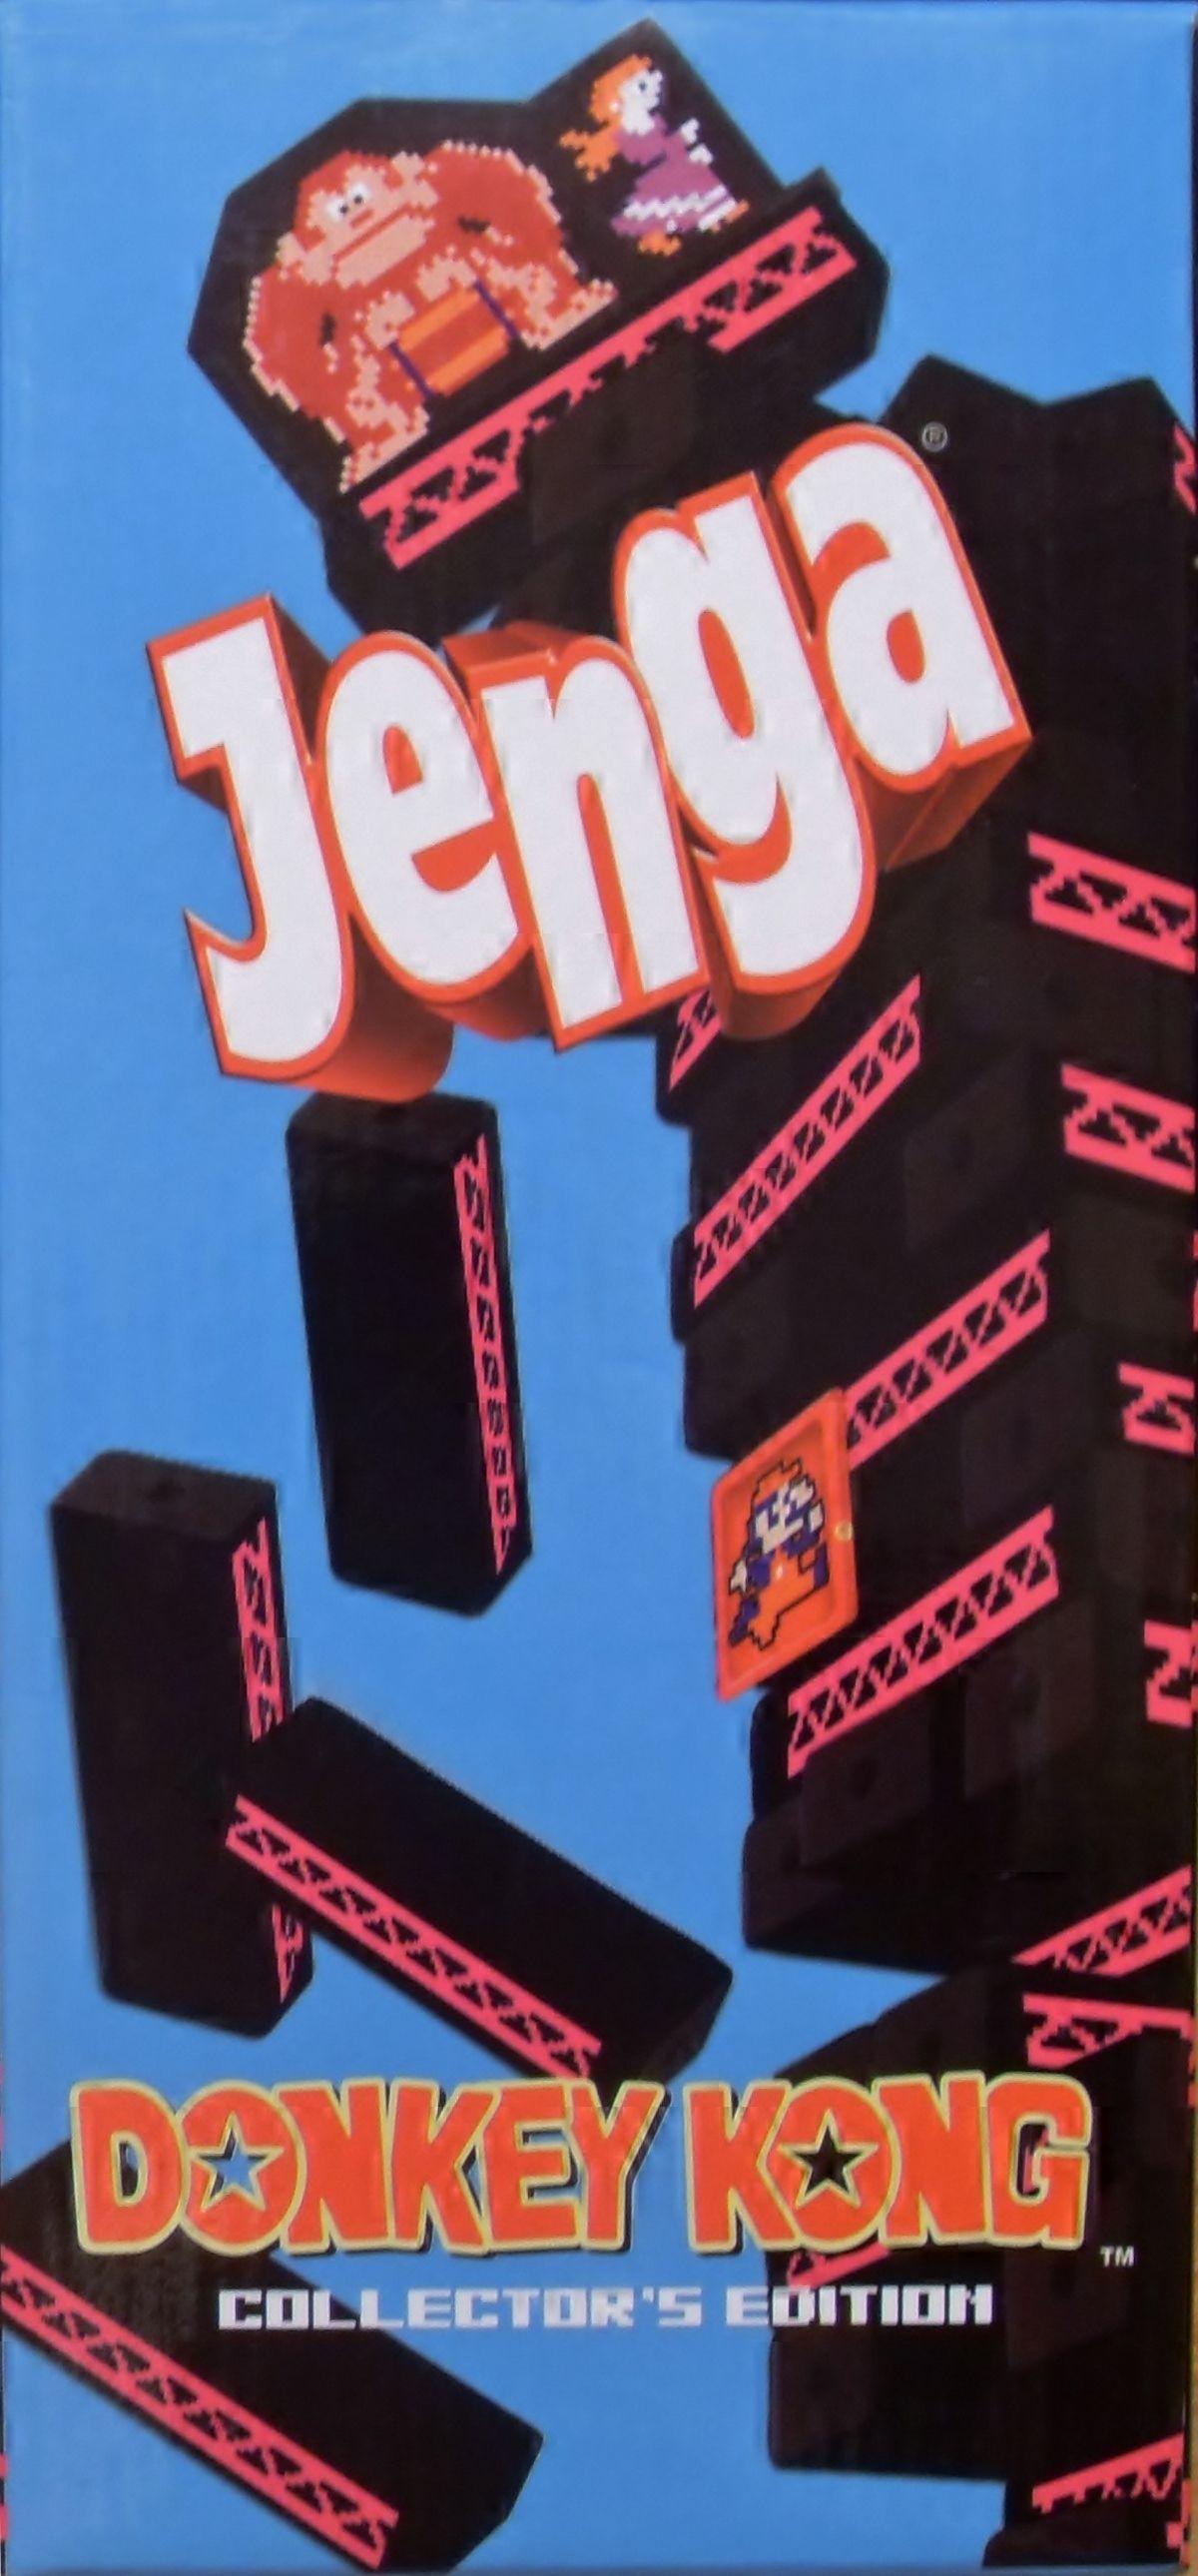 Jenga: Donkey Kong Collector's Edition